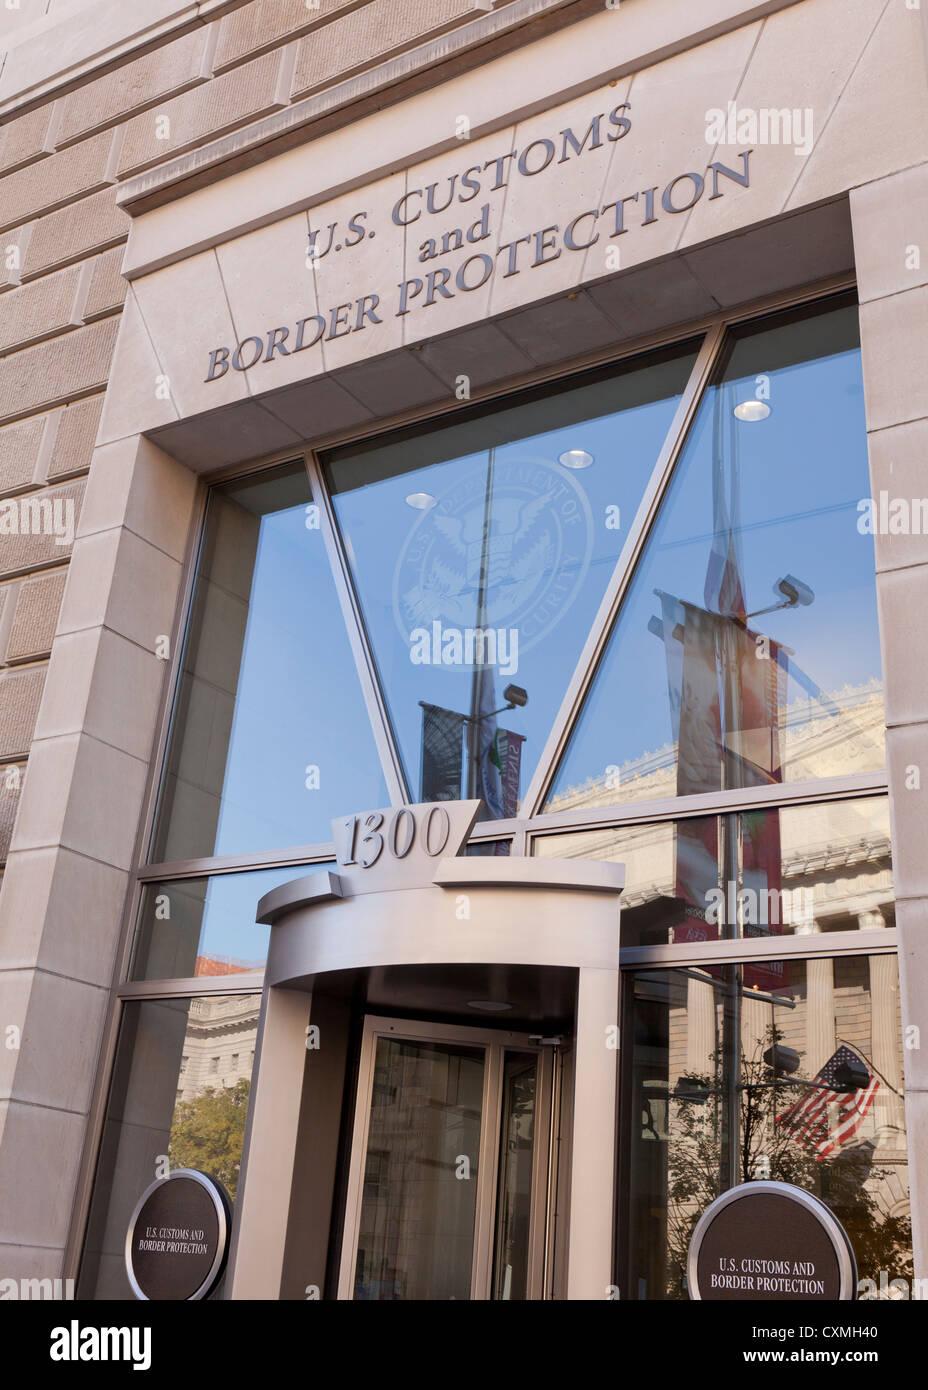 L'US Customs and Border Protection entrée de l'édifice sign - Washington, DC USA Photo Stock